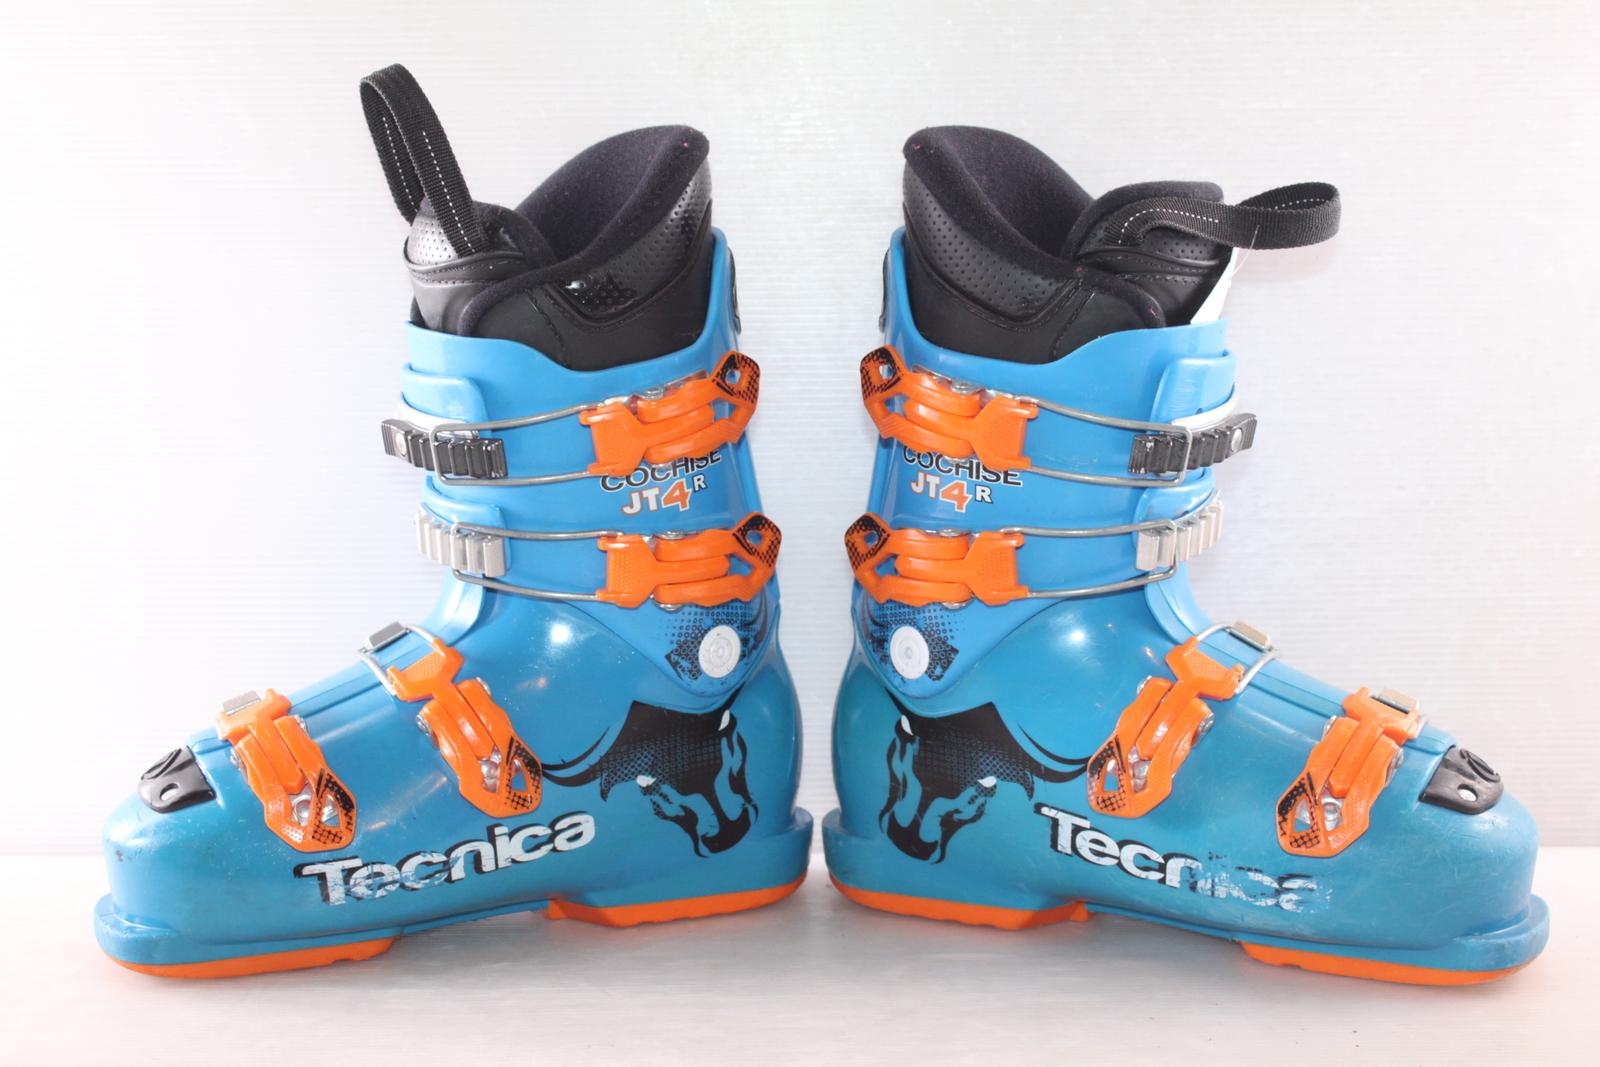 Dětské lyžáky Tecnica Cochise JT 4 R vel. EU37